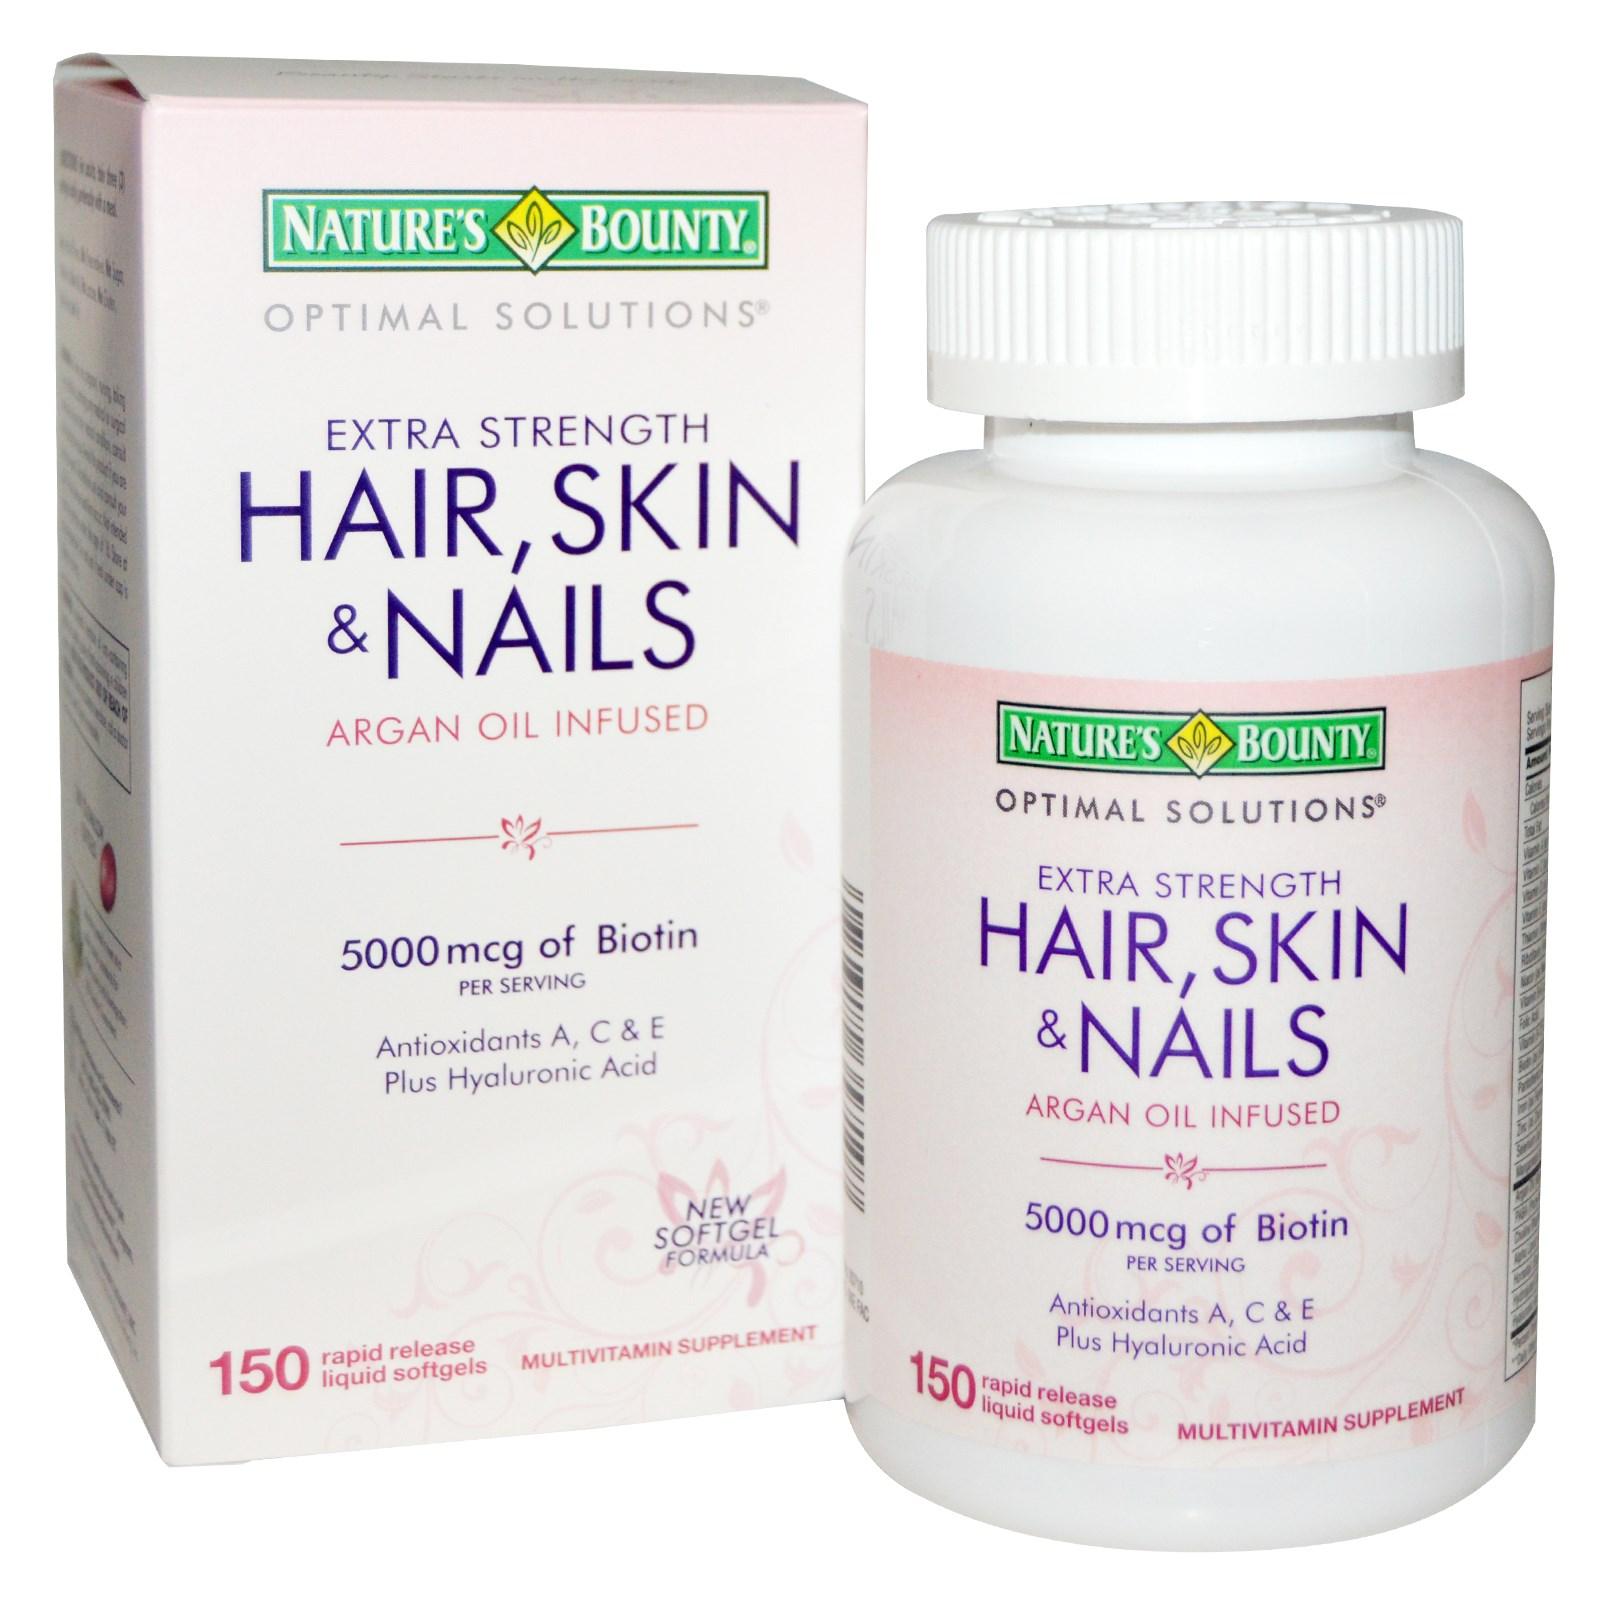 صور فيتامينات للشعر , احسن انواع فيتامينات الشعر وفوائدها